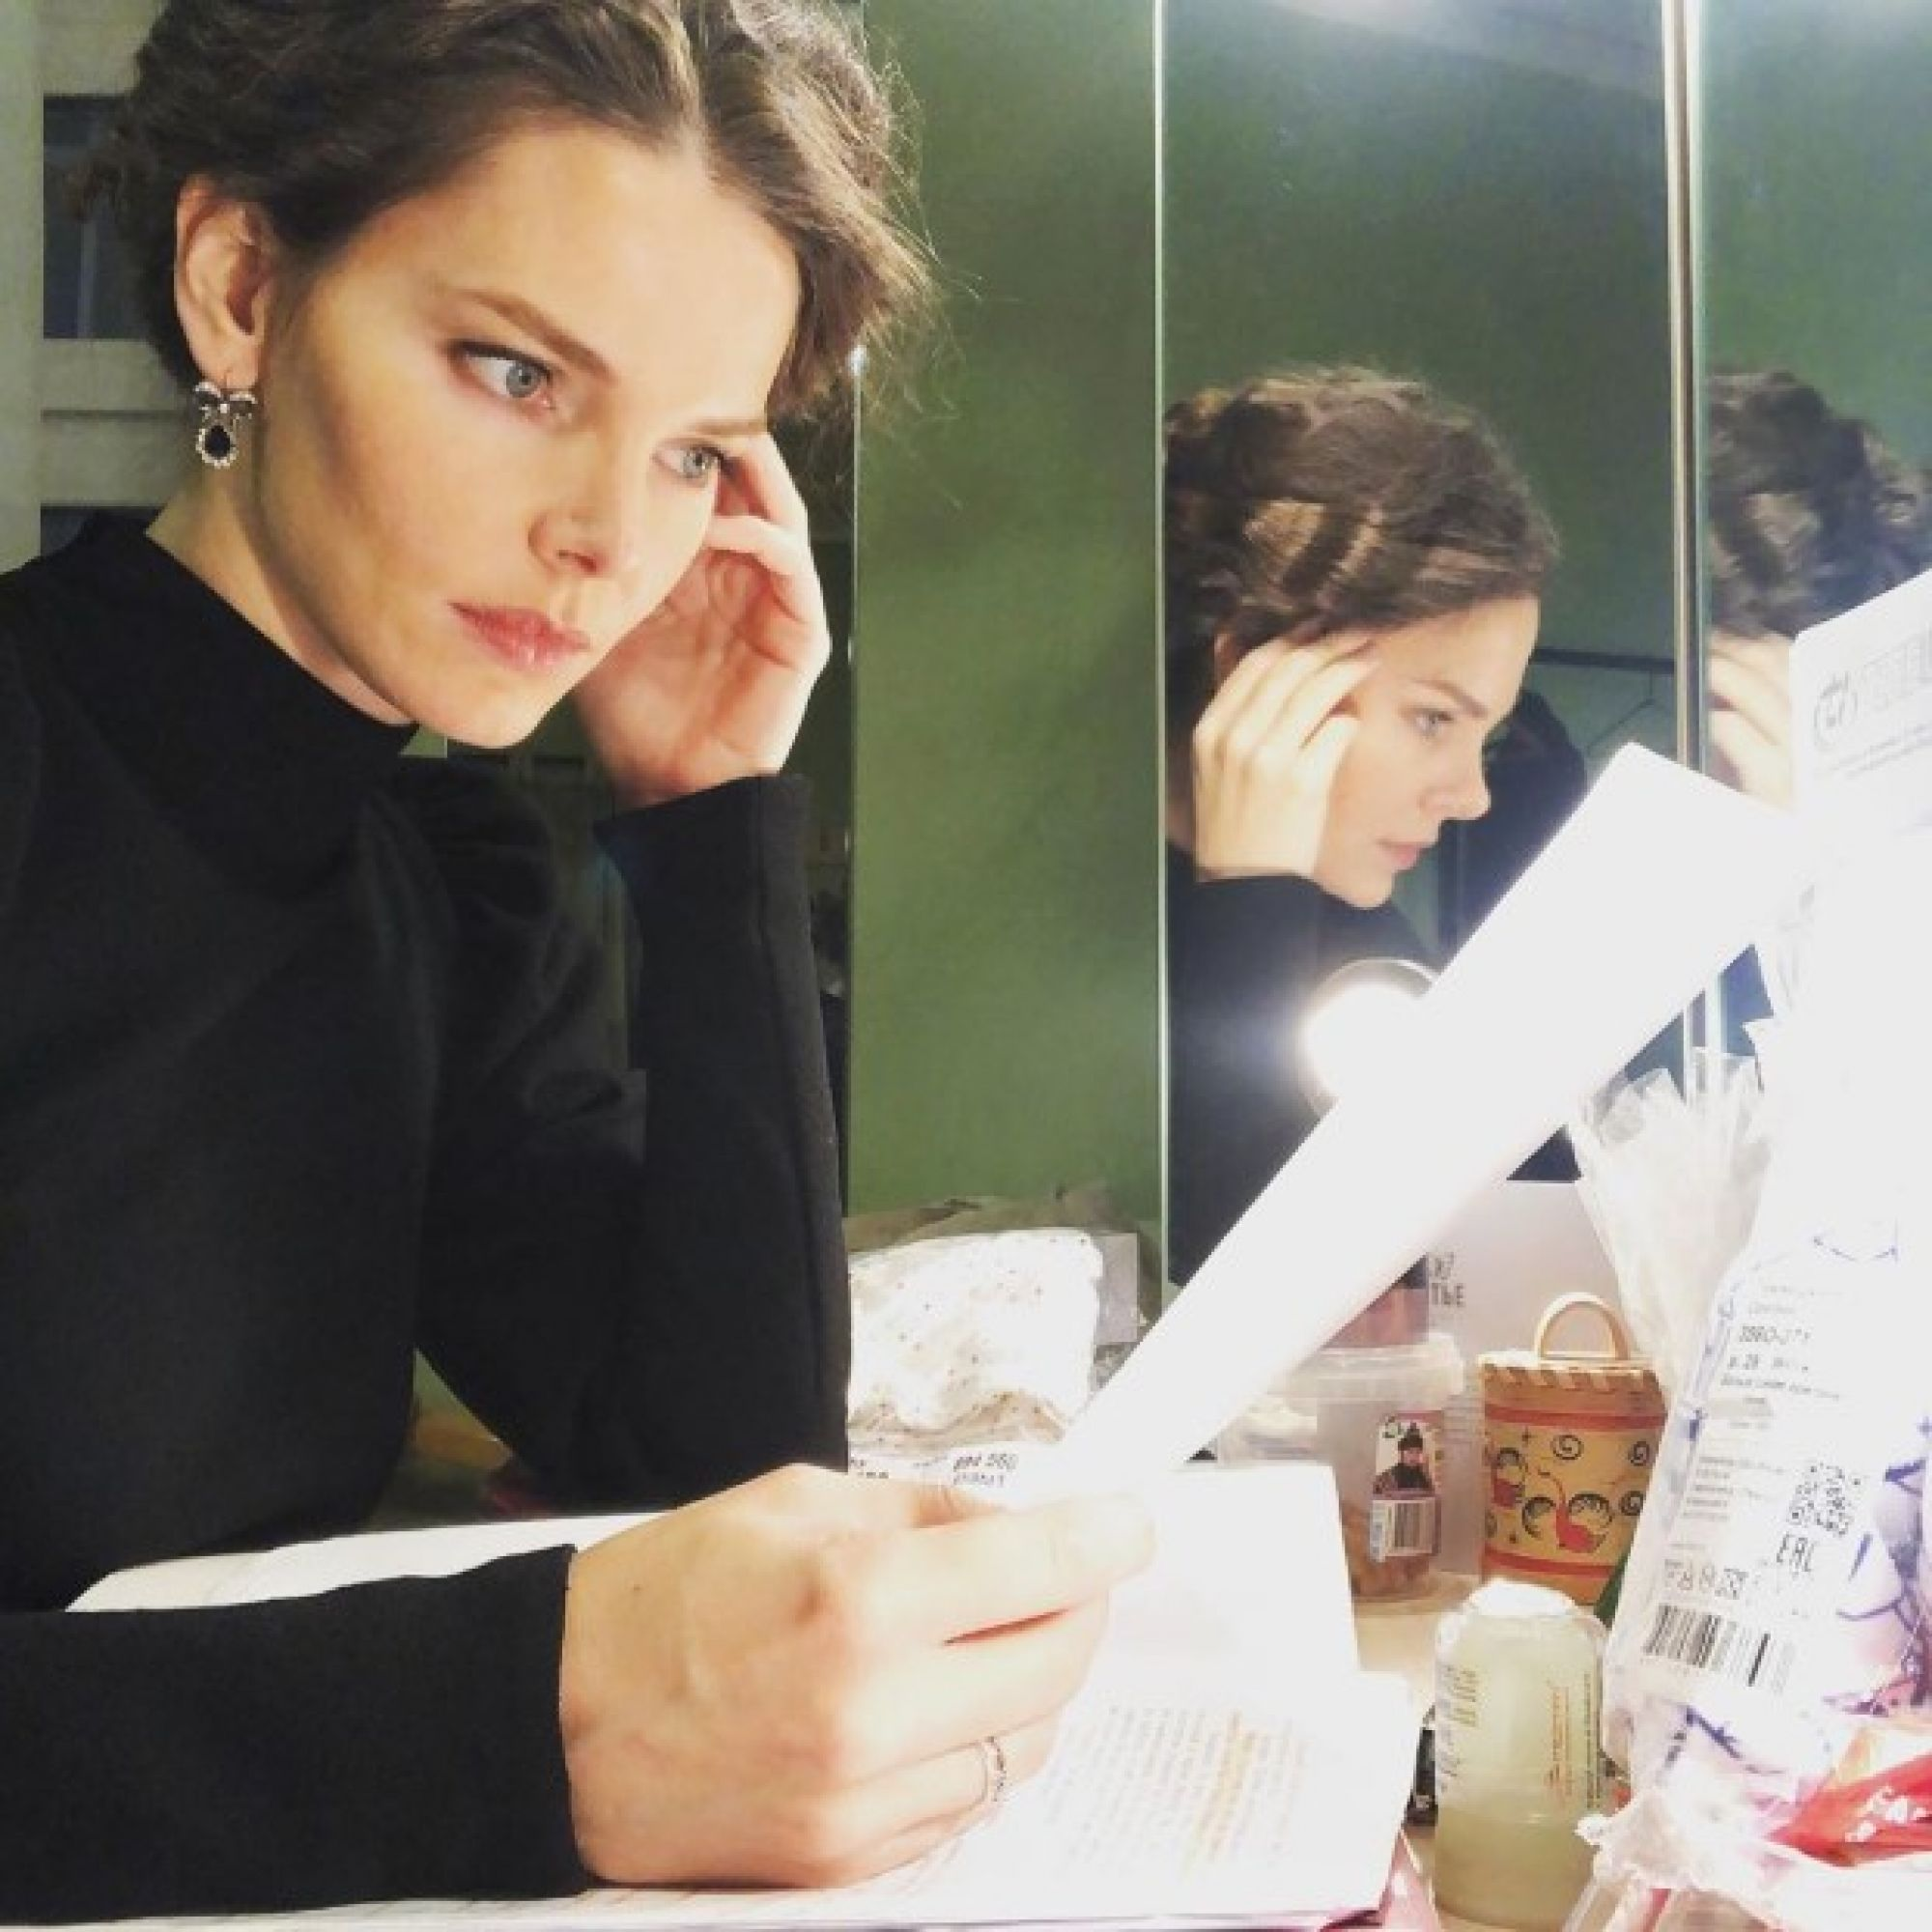 Елизавета Боярская высмеяла шаблонные комплименты для актрис. Коллеги поддержали